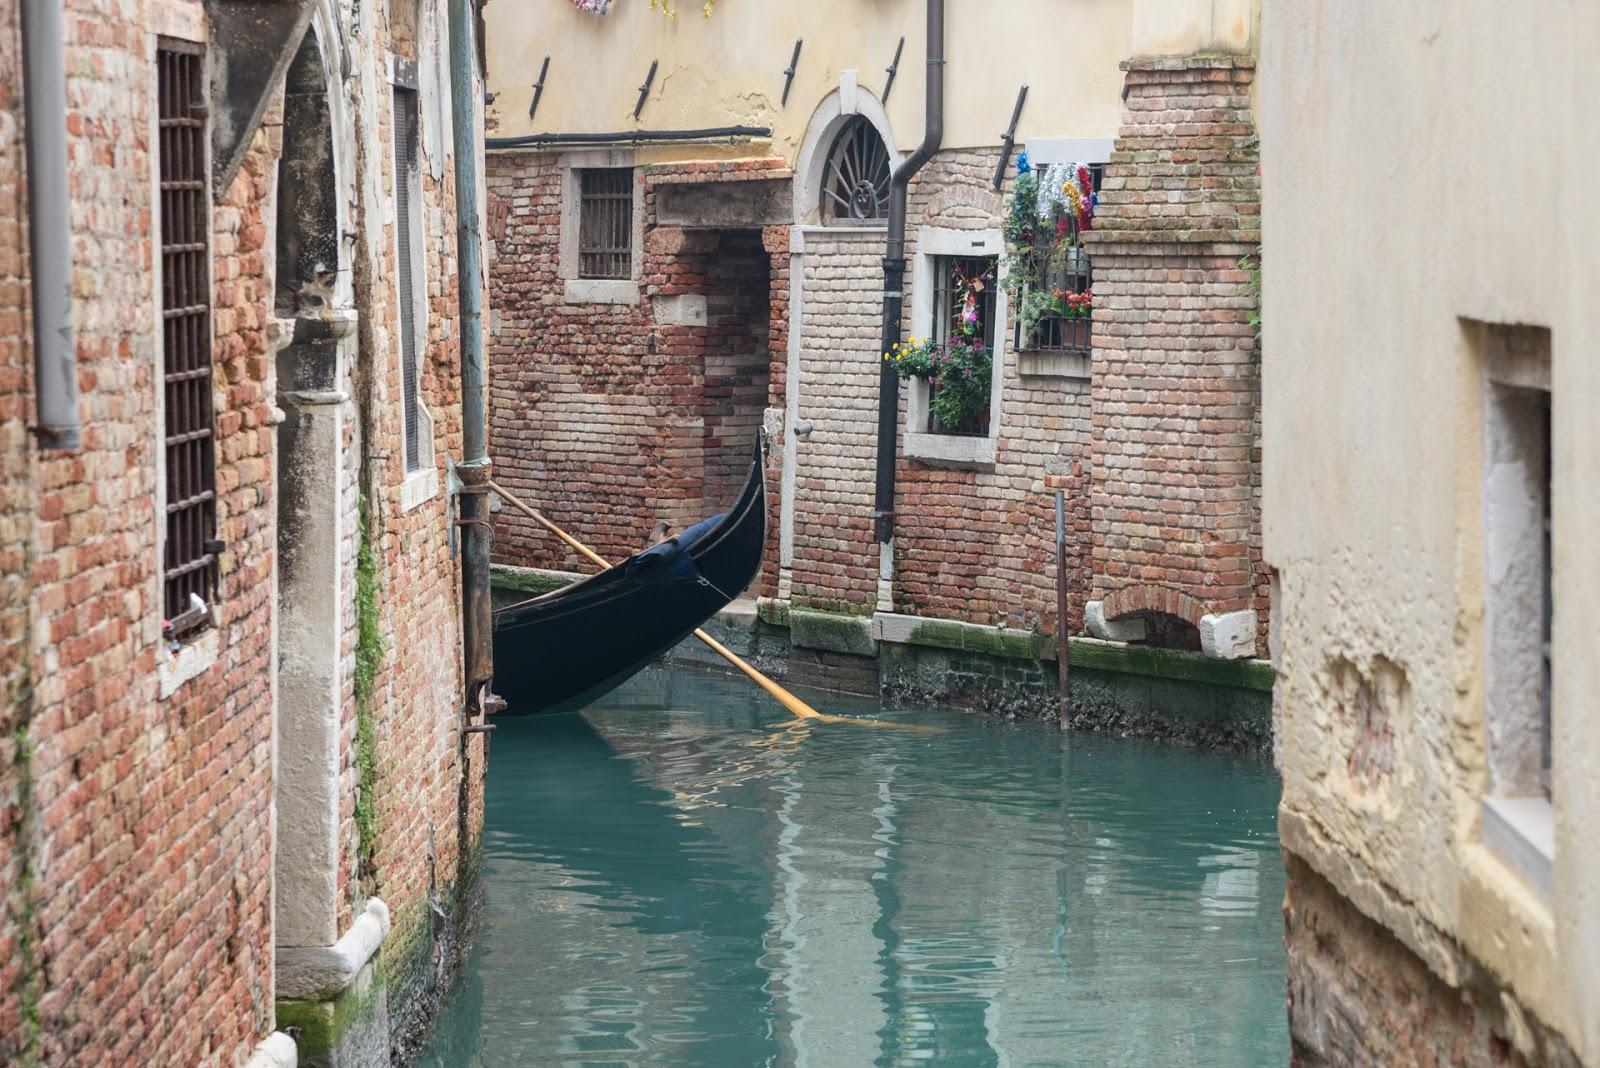 Venezia Adagio: Paola Zatti svela l'altra faccia della città cartolina